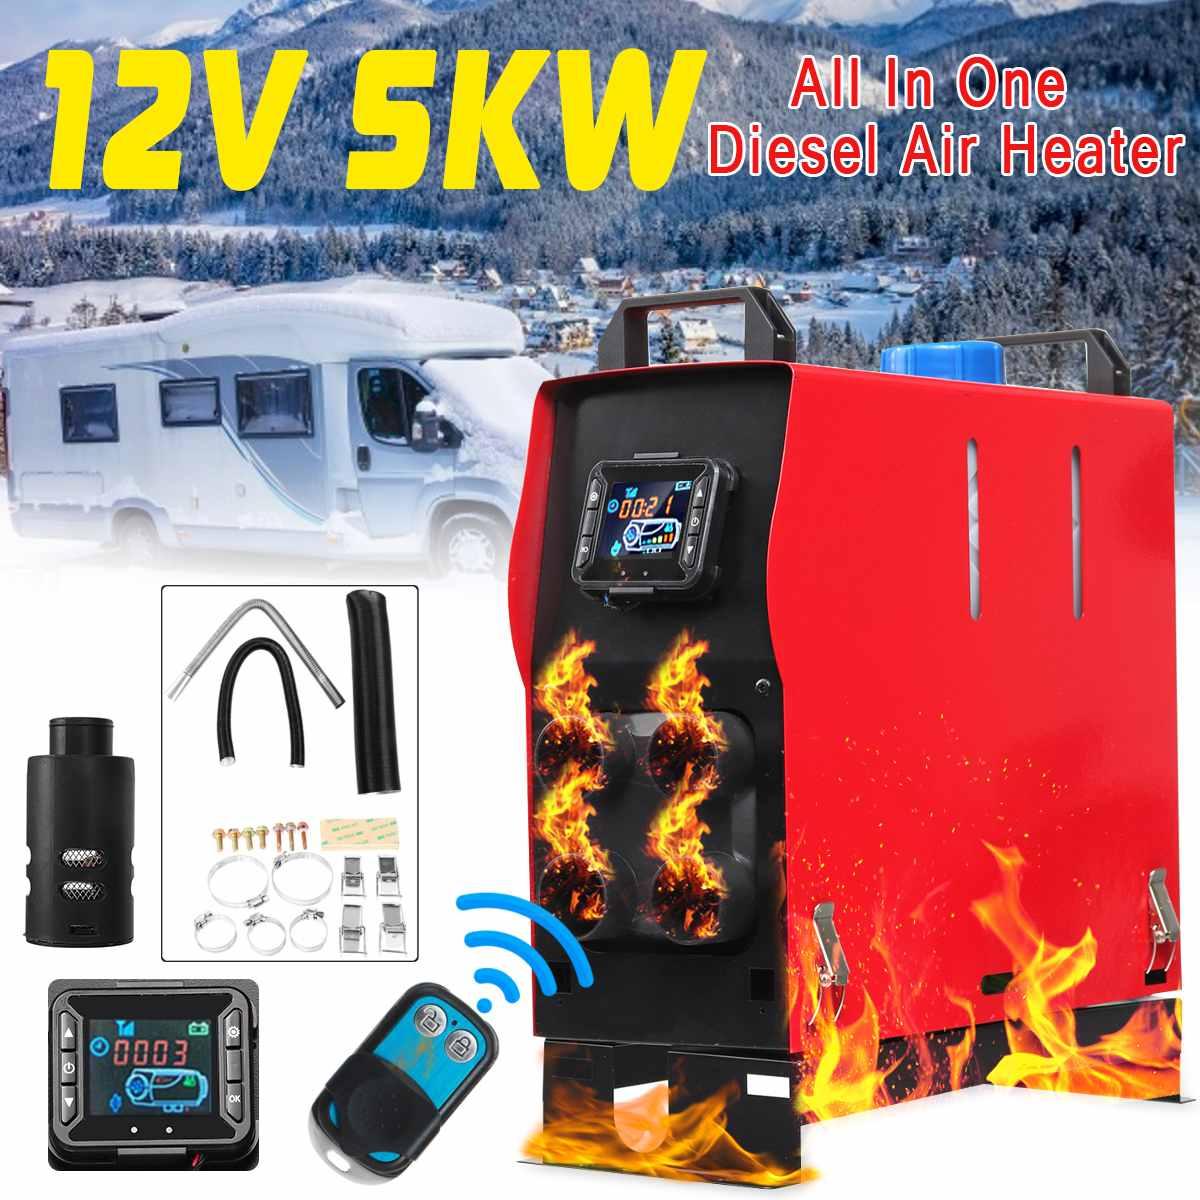 Réchauffeur d'air 12 V 5KW tout en 1 LCD 1/4 trous Diese PLANAR pour voiture camions remorque avec télécommande moniteur à faible bruit automatique